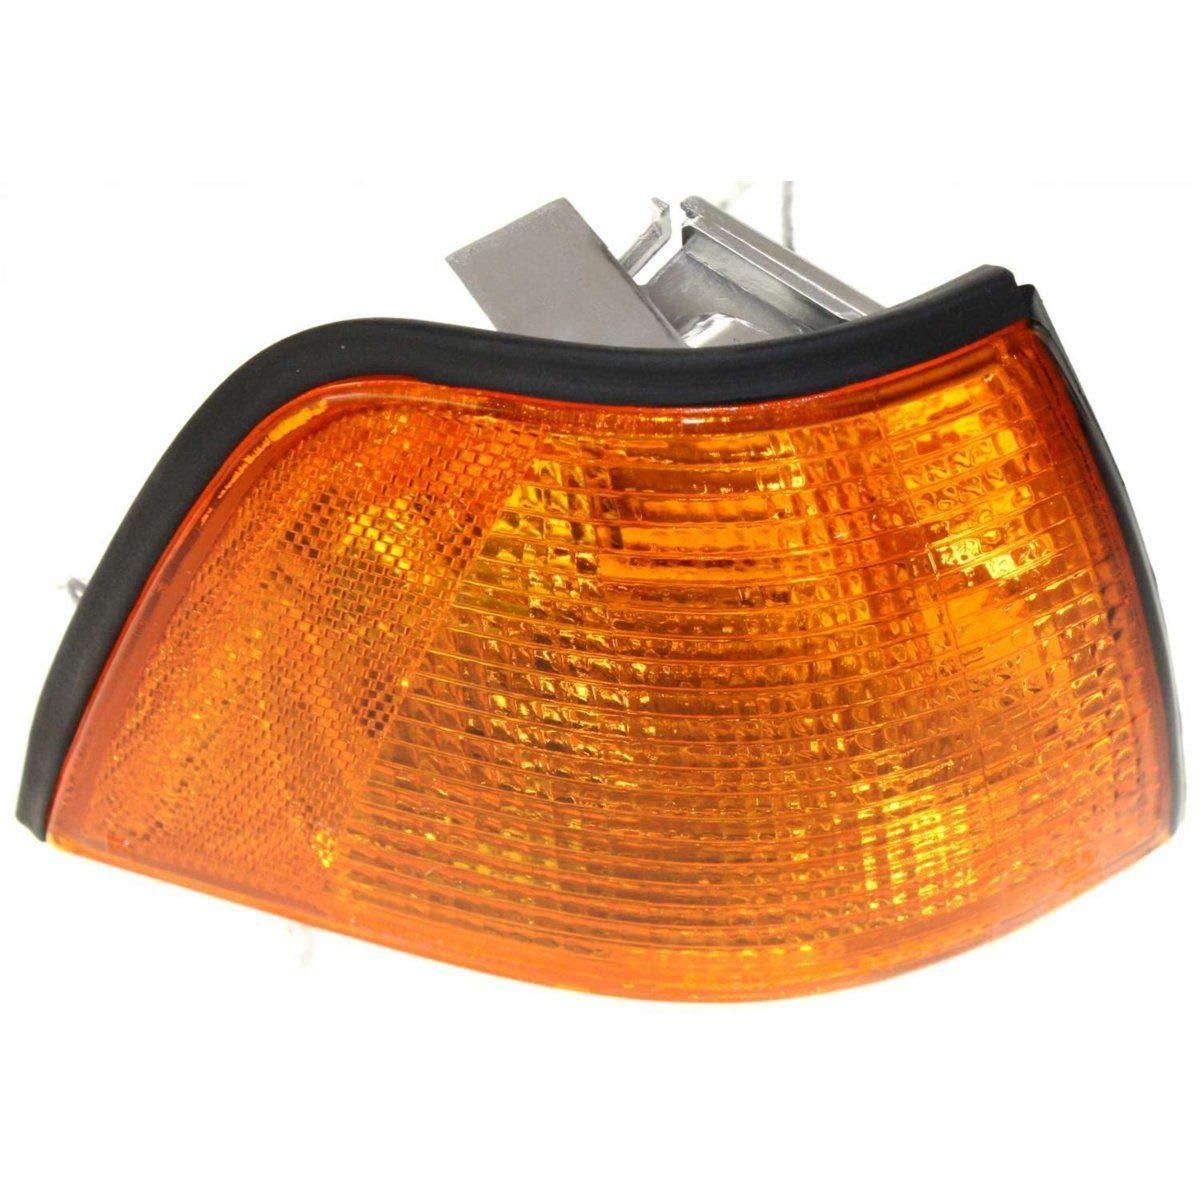 Lens and Housing BM2521102 63138353280 New Right Passenger Side Corner Lamp For 1995-1999 BMW 3-Series